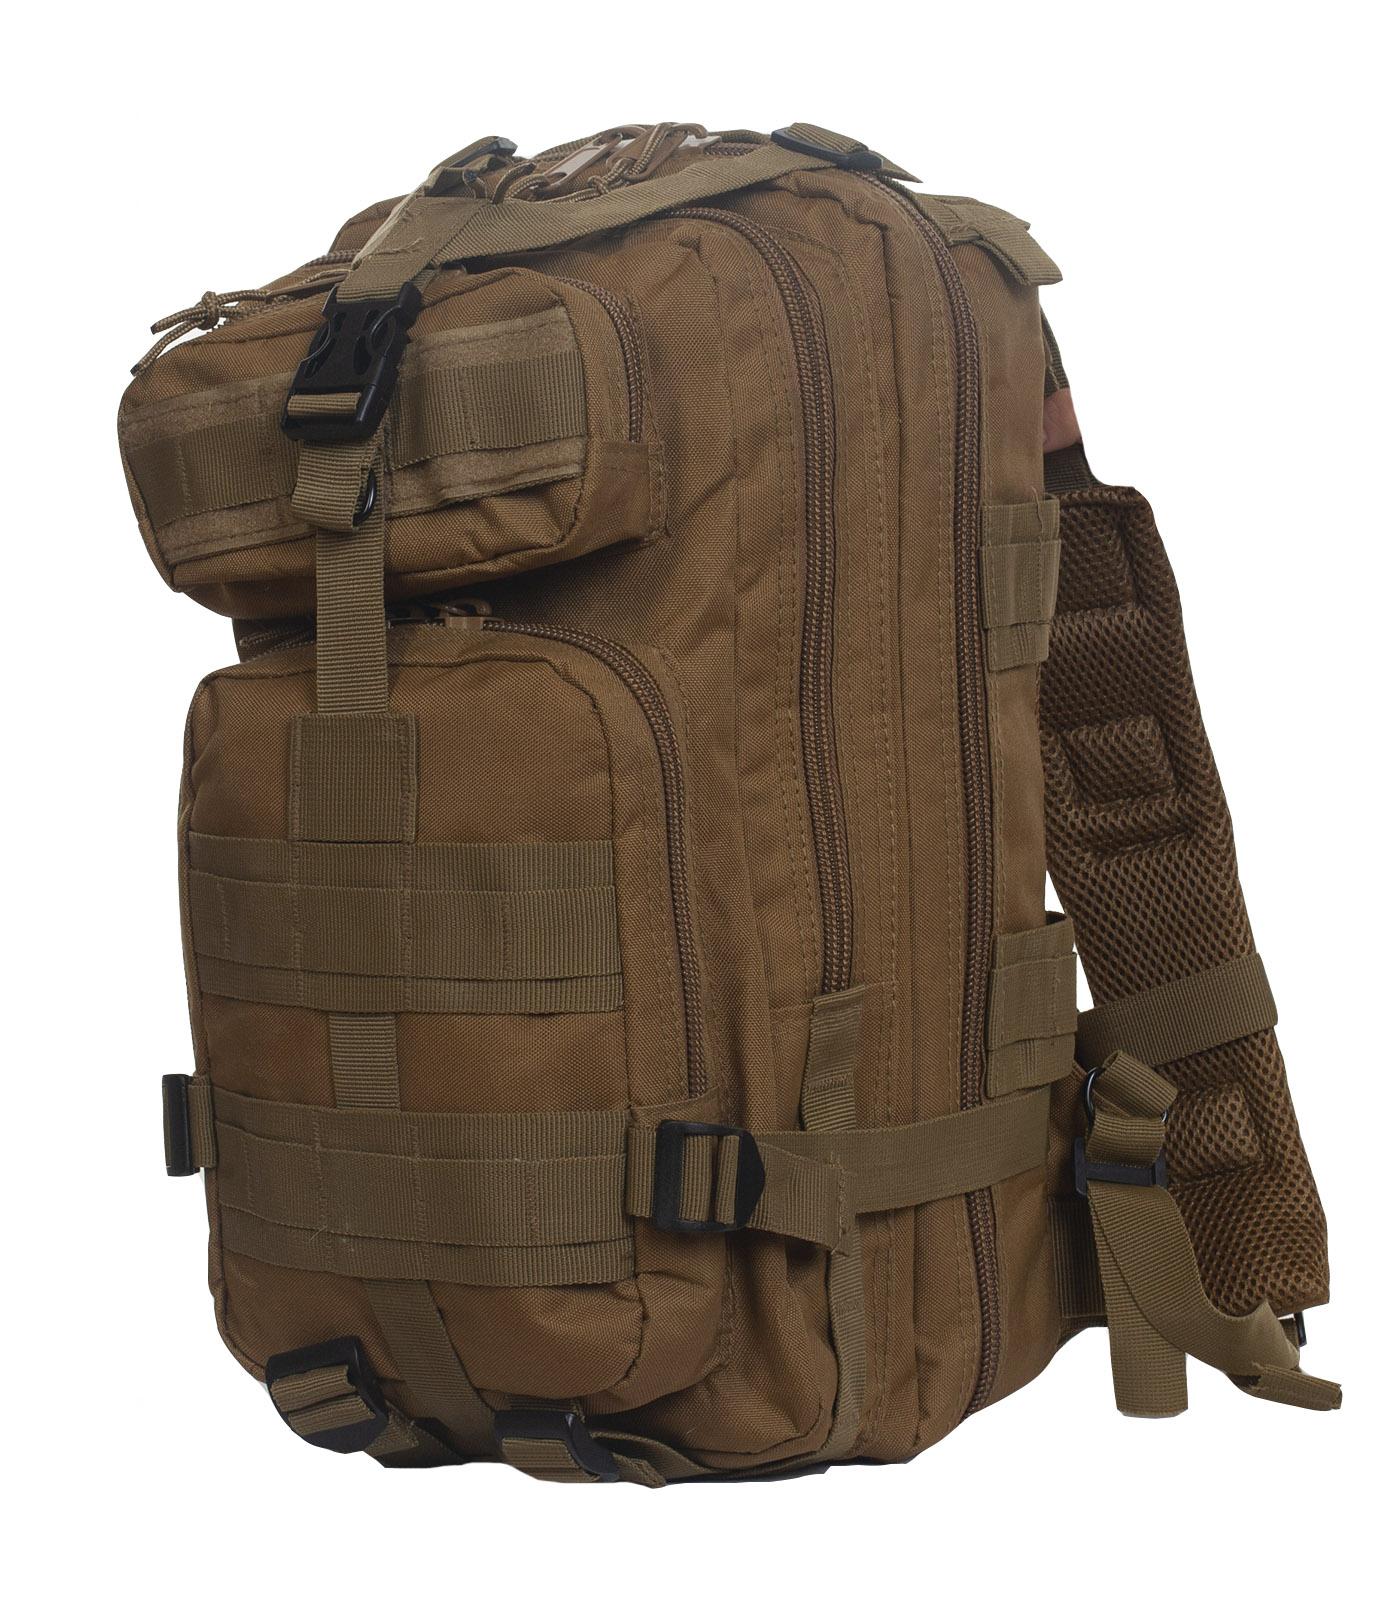 Удобный штурмовой рюкзак хаки-песок